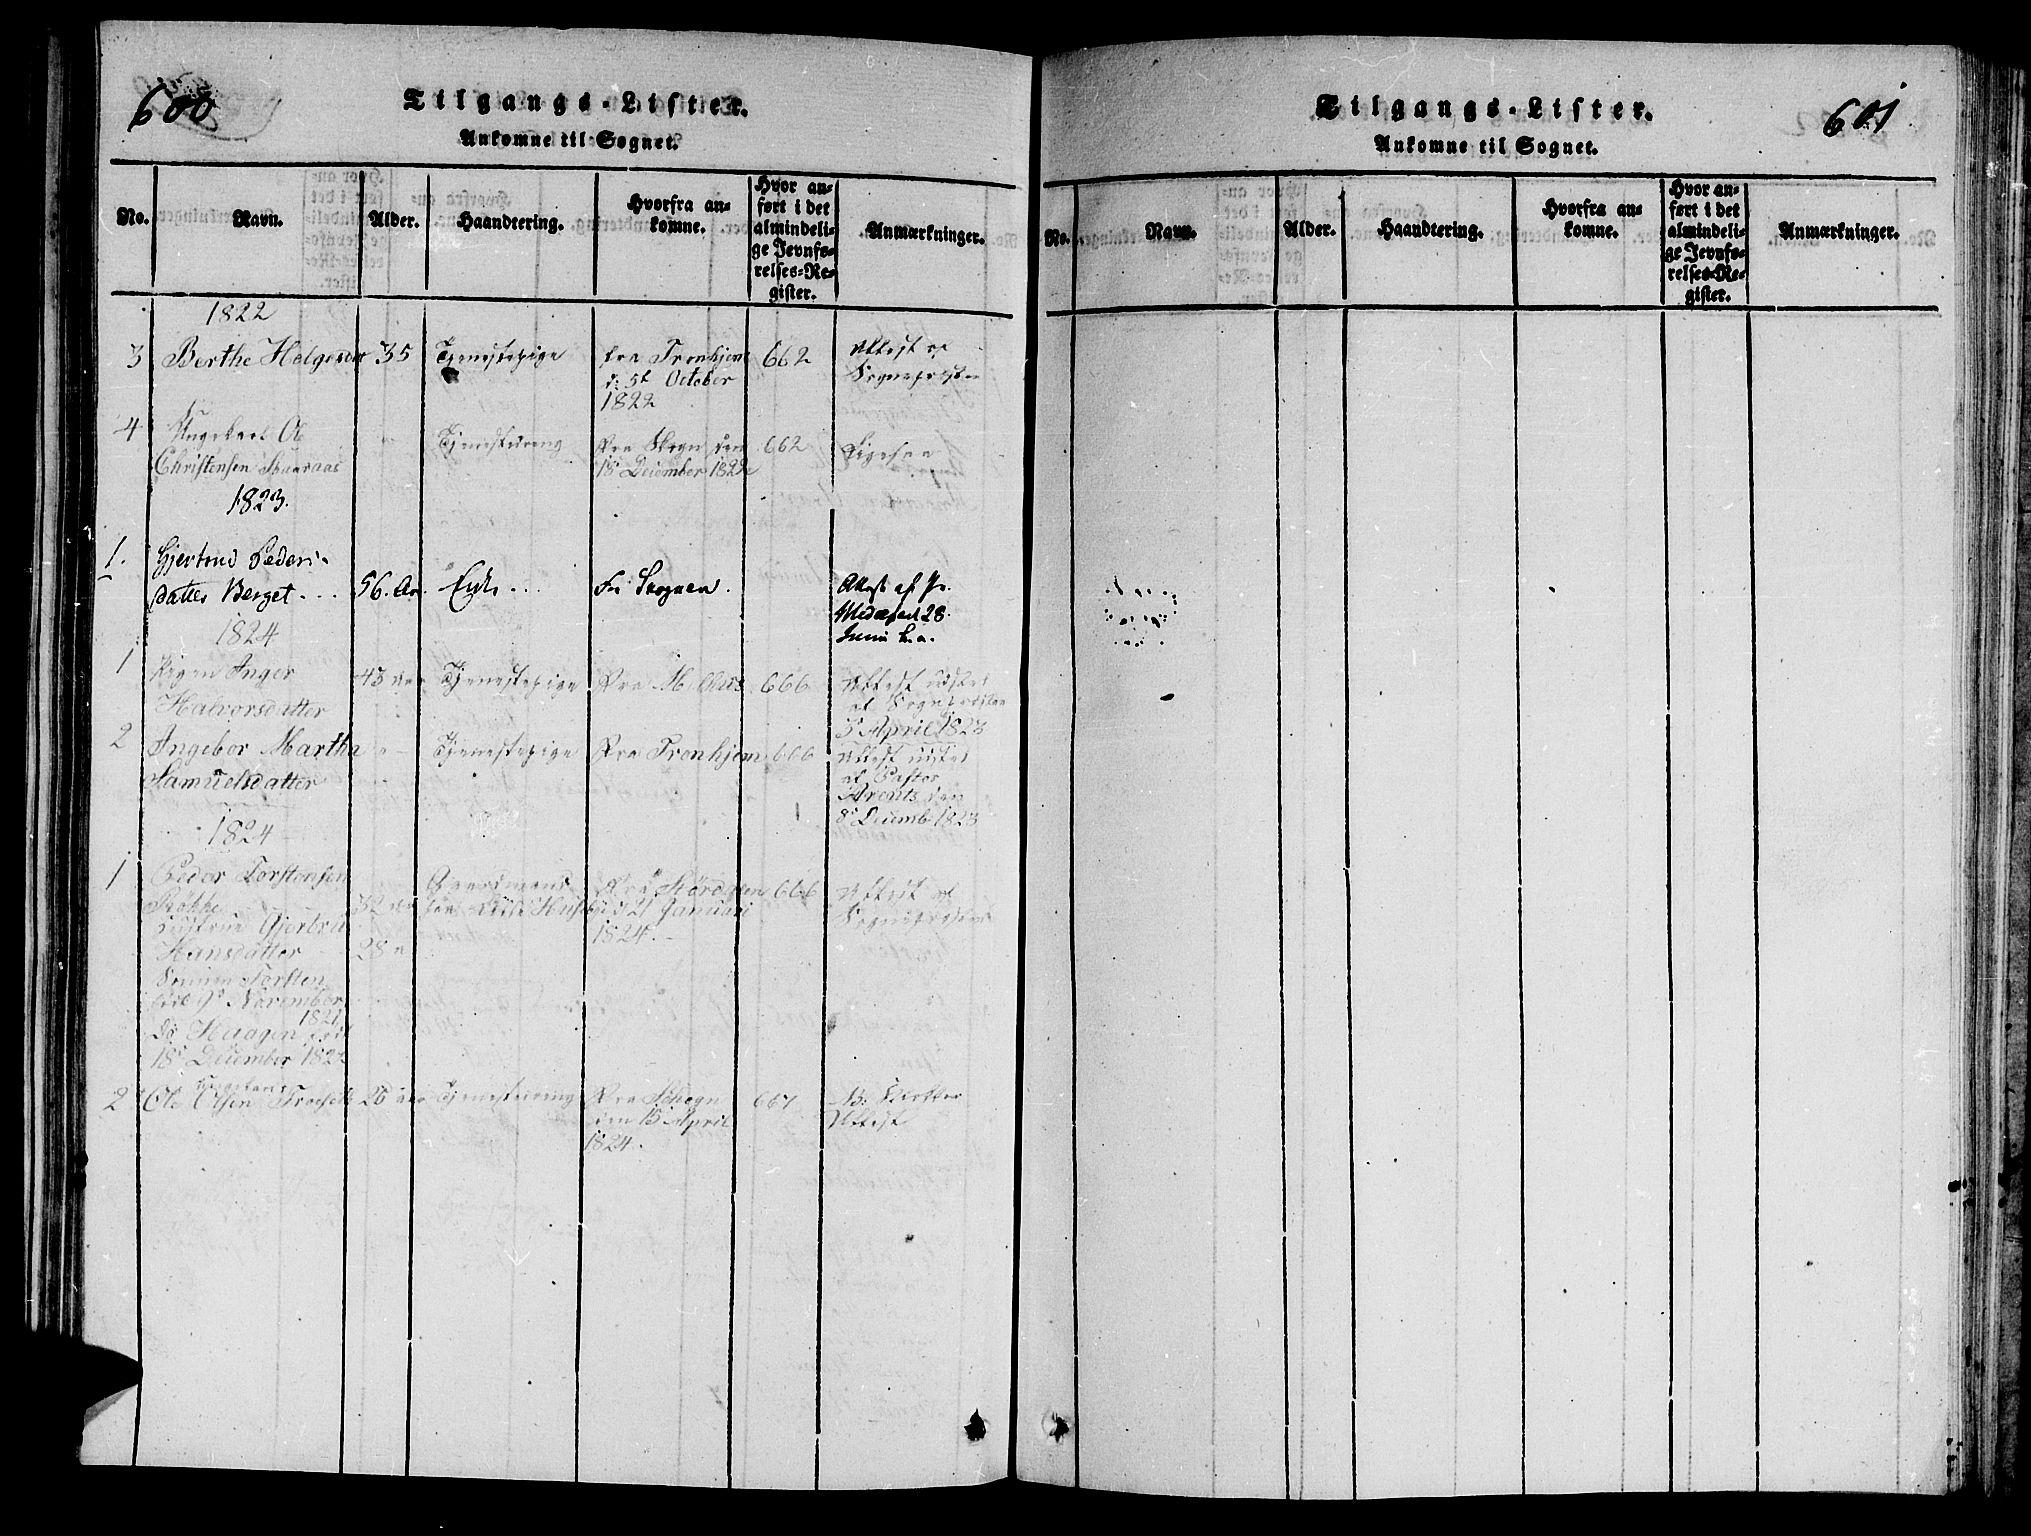 SAT, Ministerialprotokoller, klokkerbøker og fødselsregistre - Nord-Trøndelag, 714/L0132: Klokkerbok nr. 714C01, 1817-1824, s. 600-601